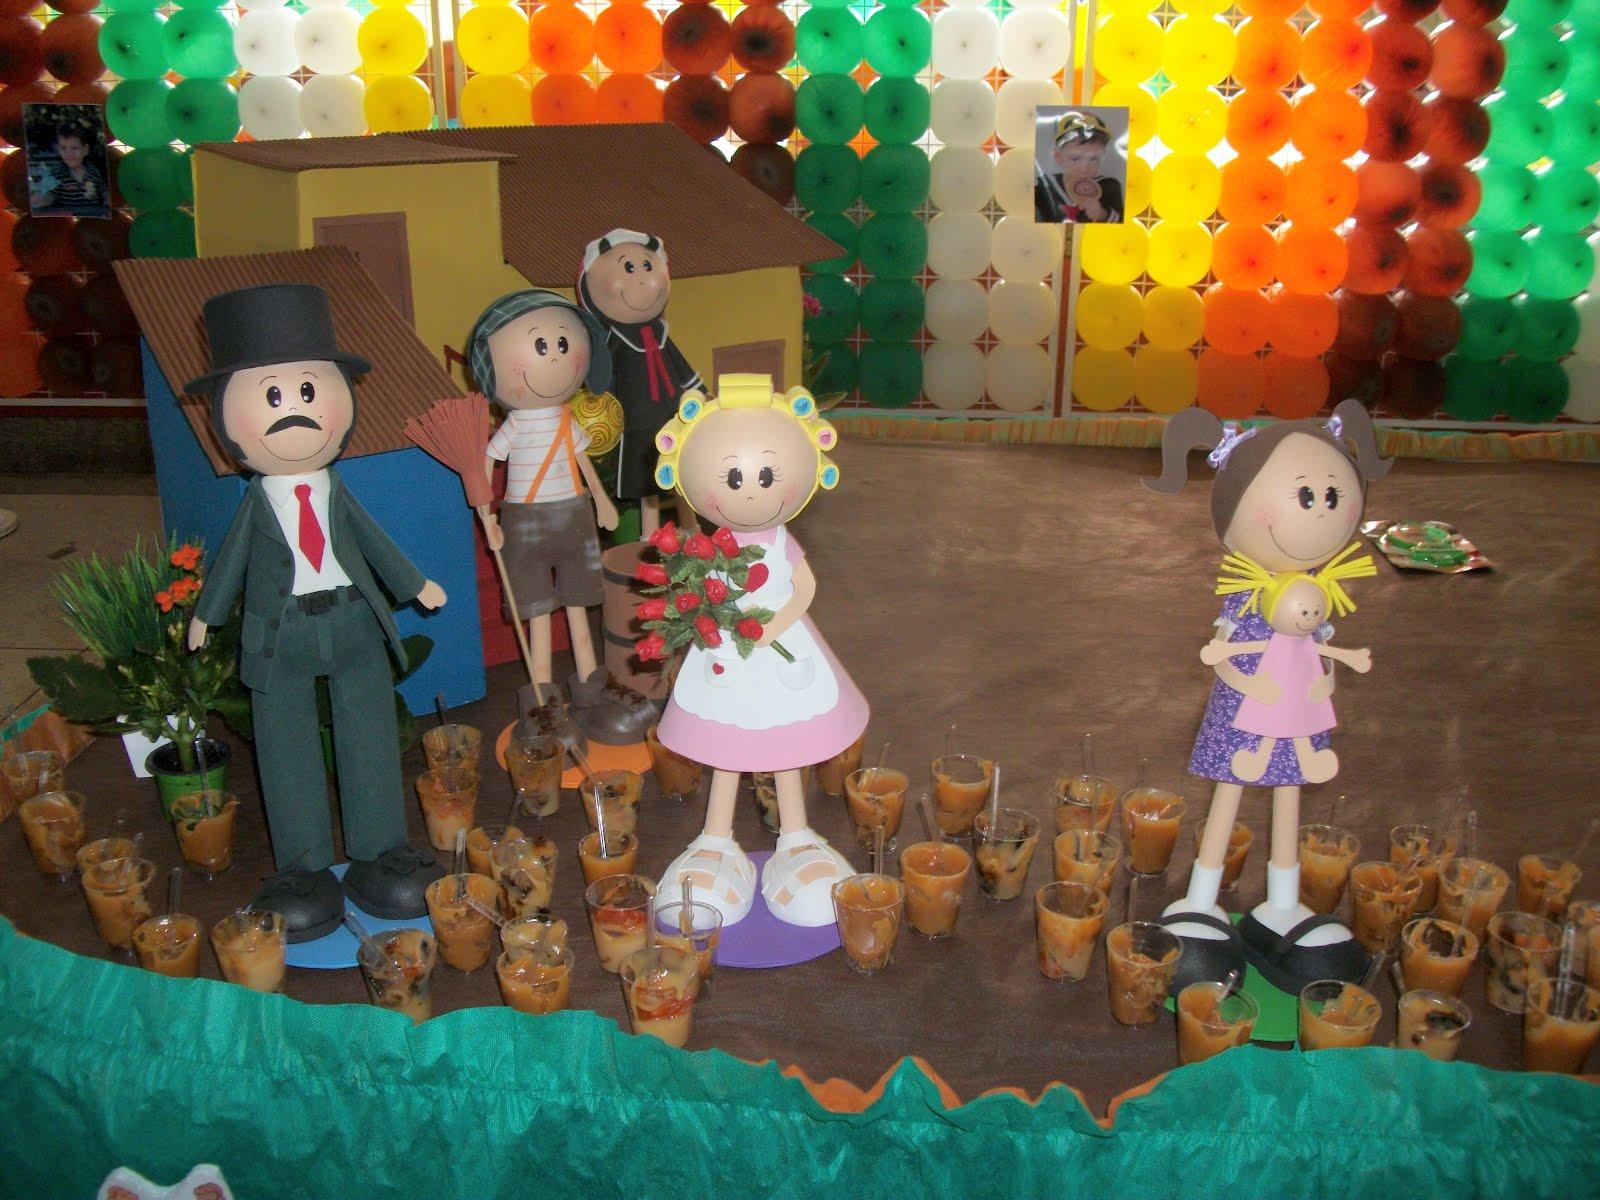 bonecos de eva 3d da turma do chaves para decoração de festas